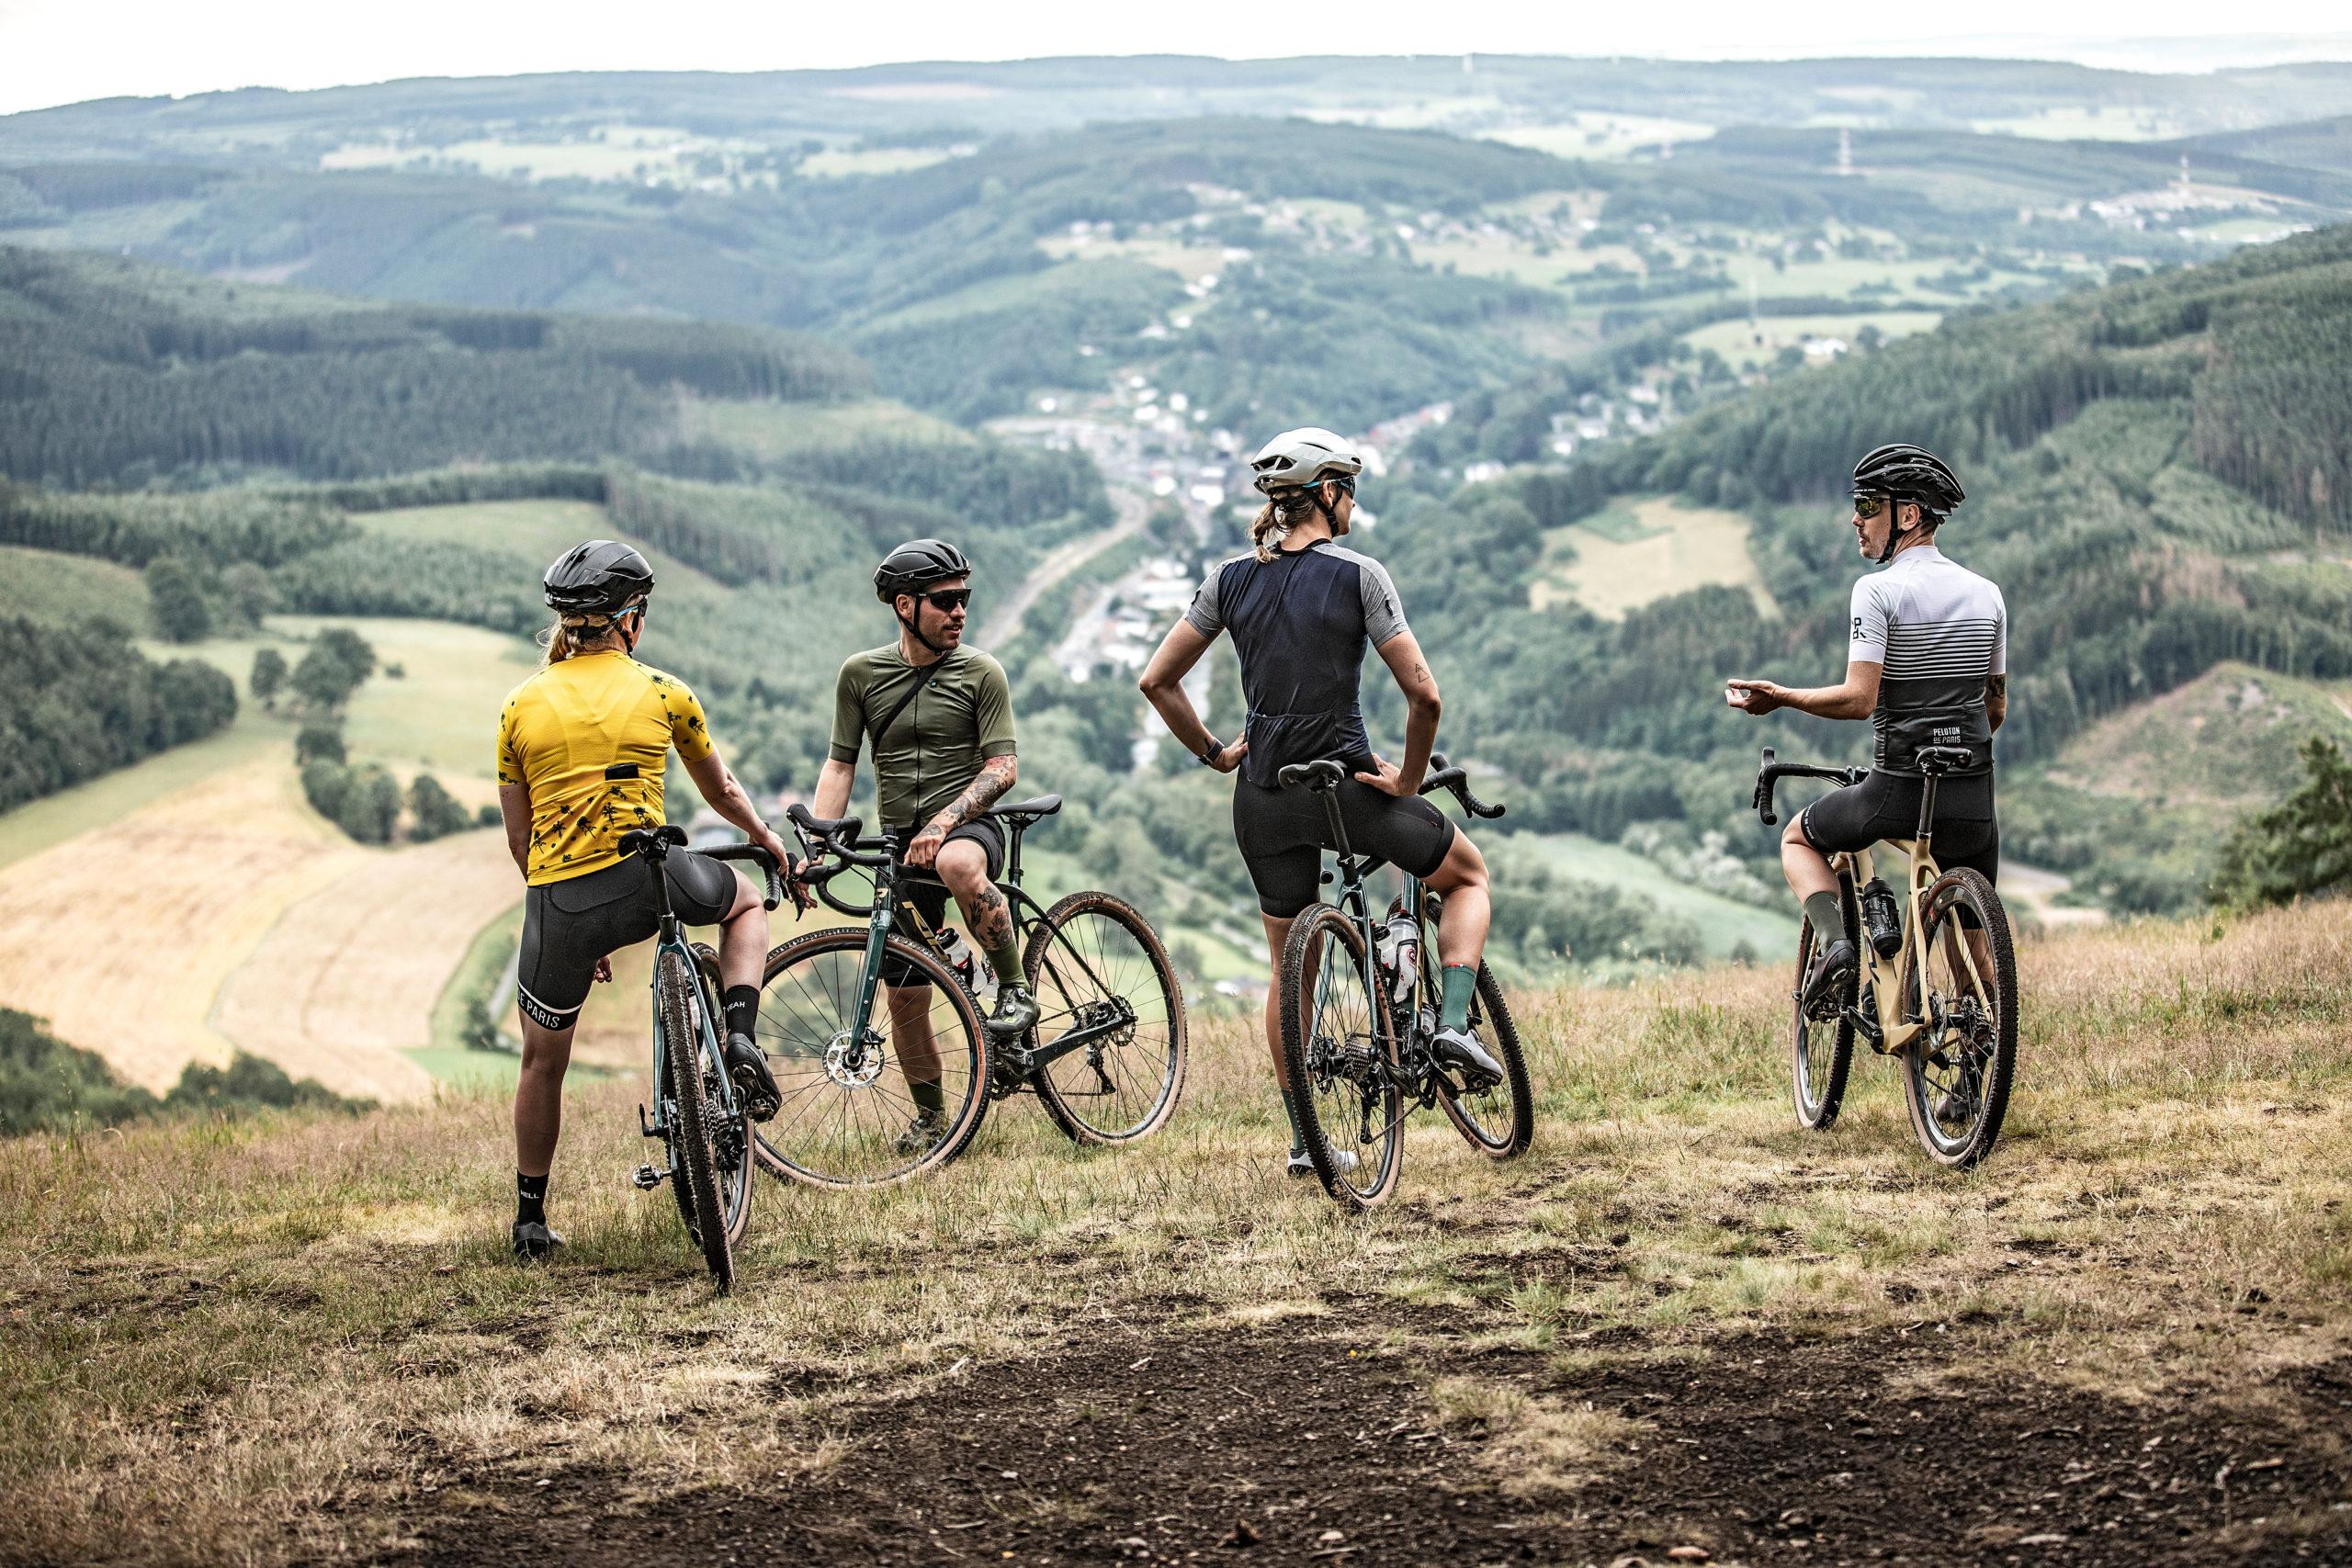 vélos gravel / cyclo cross